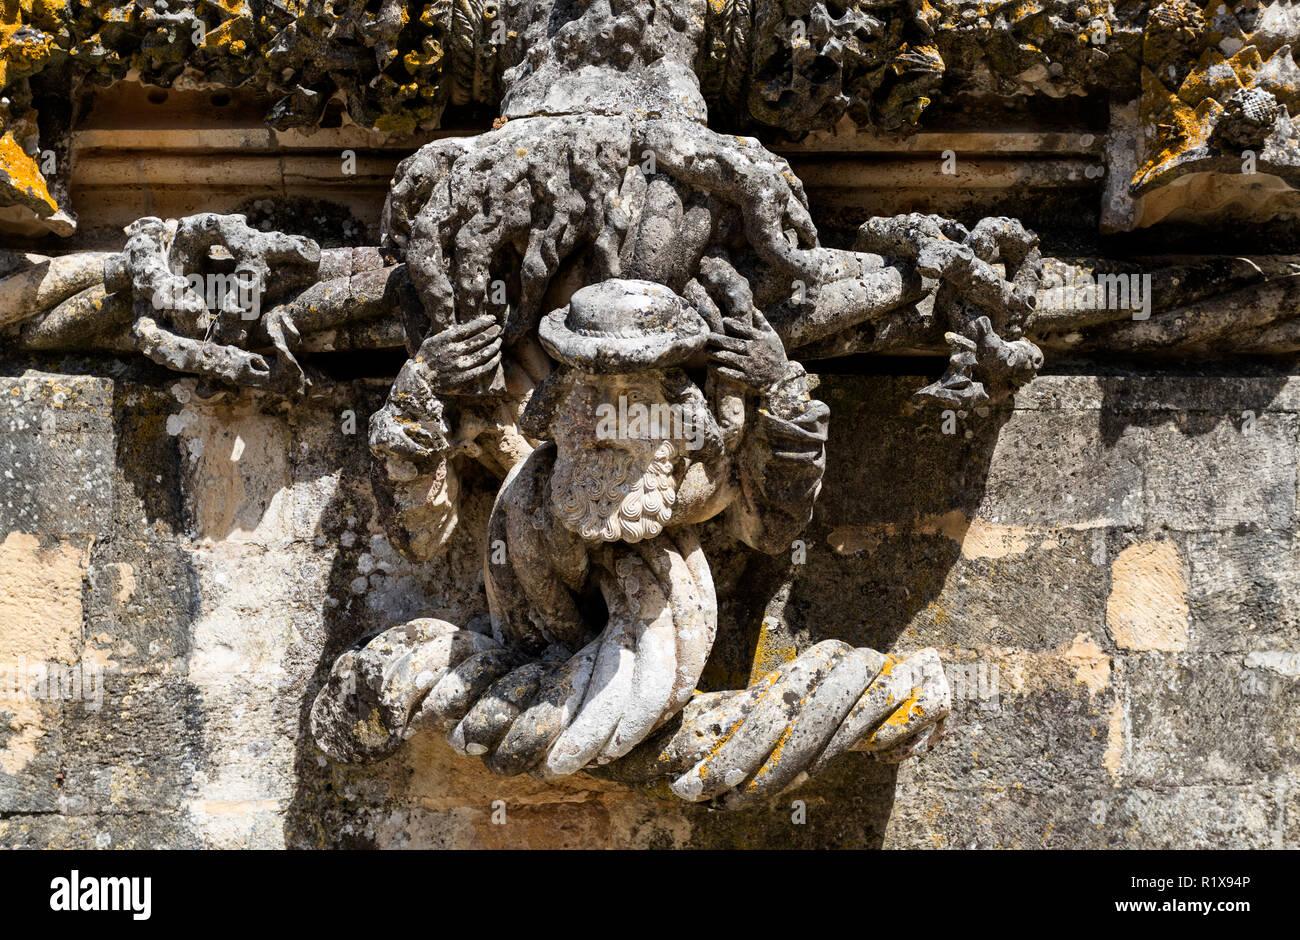 Détail de la sculpture délicate d'une figure humaine sur la partie inférieure de la fenêtre manuéline du Couvent du Christ, à Tomar, Portugal Photo Stock